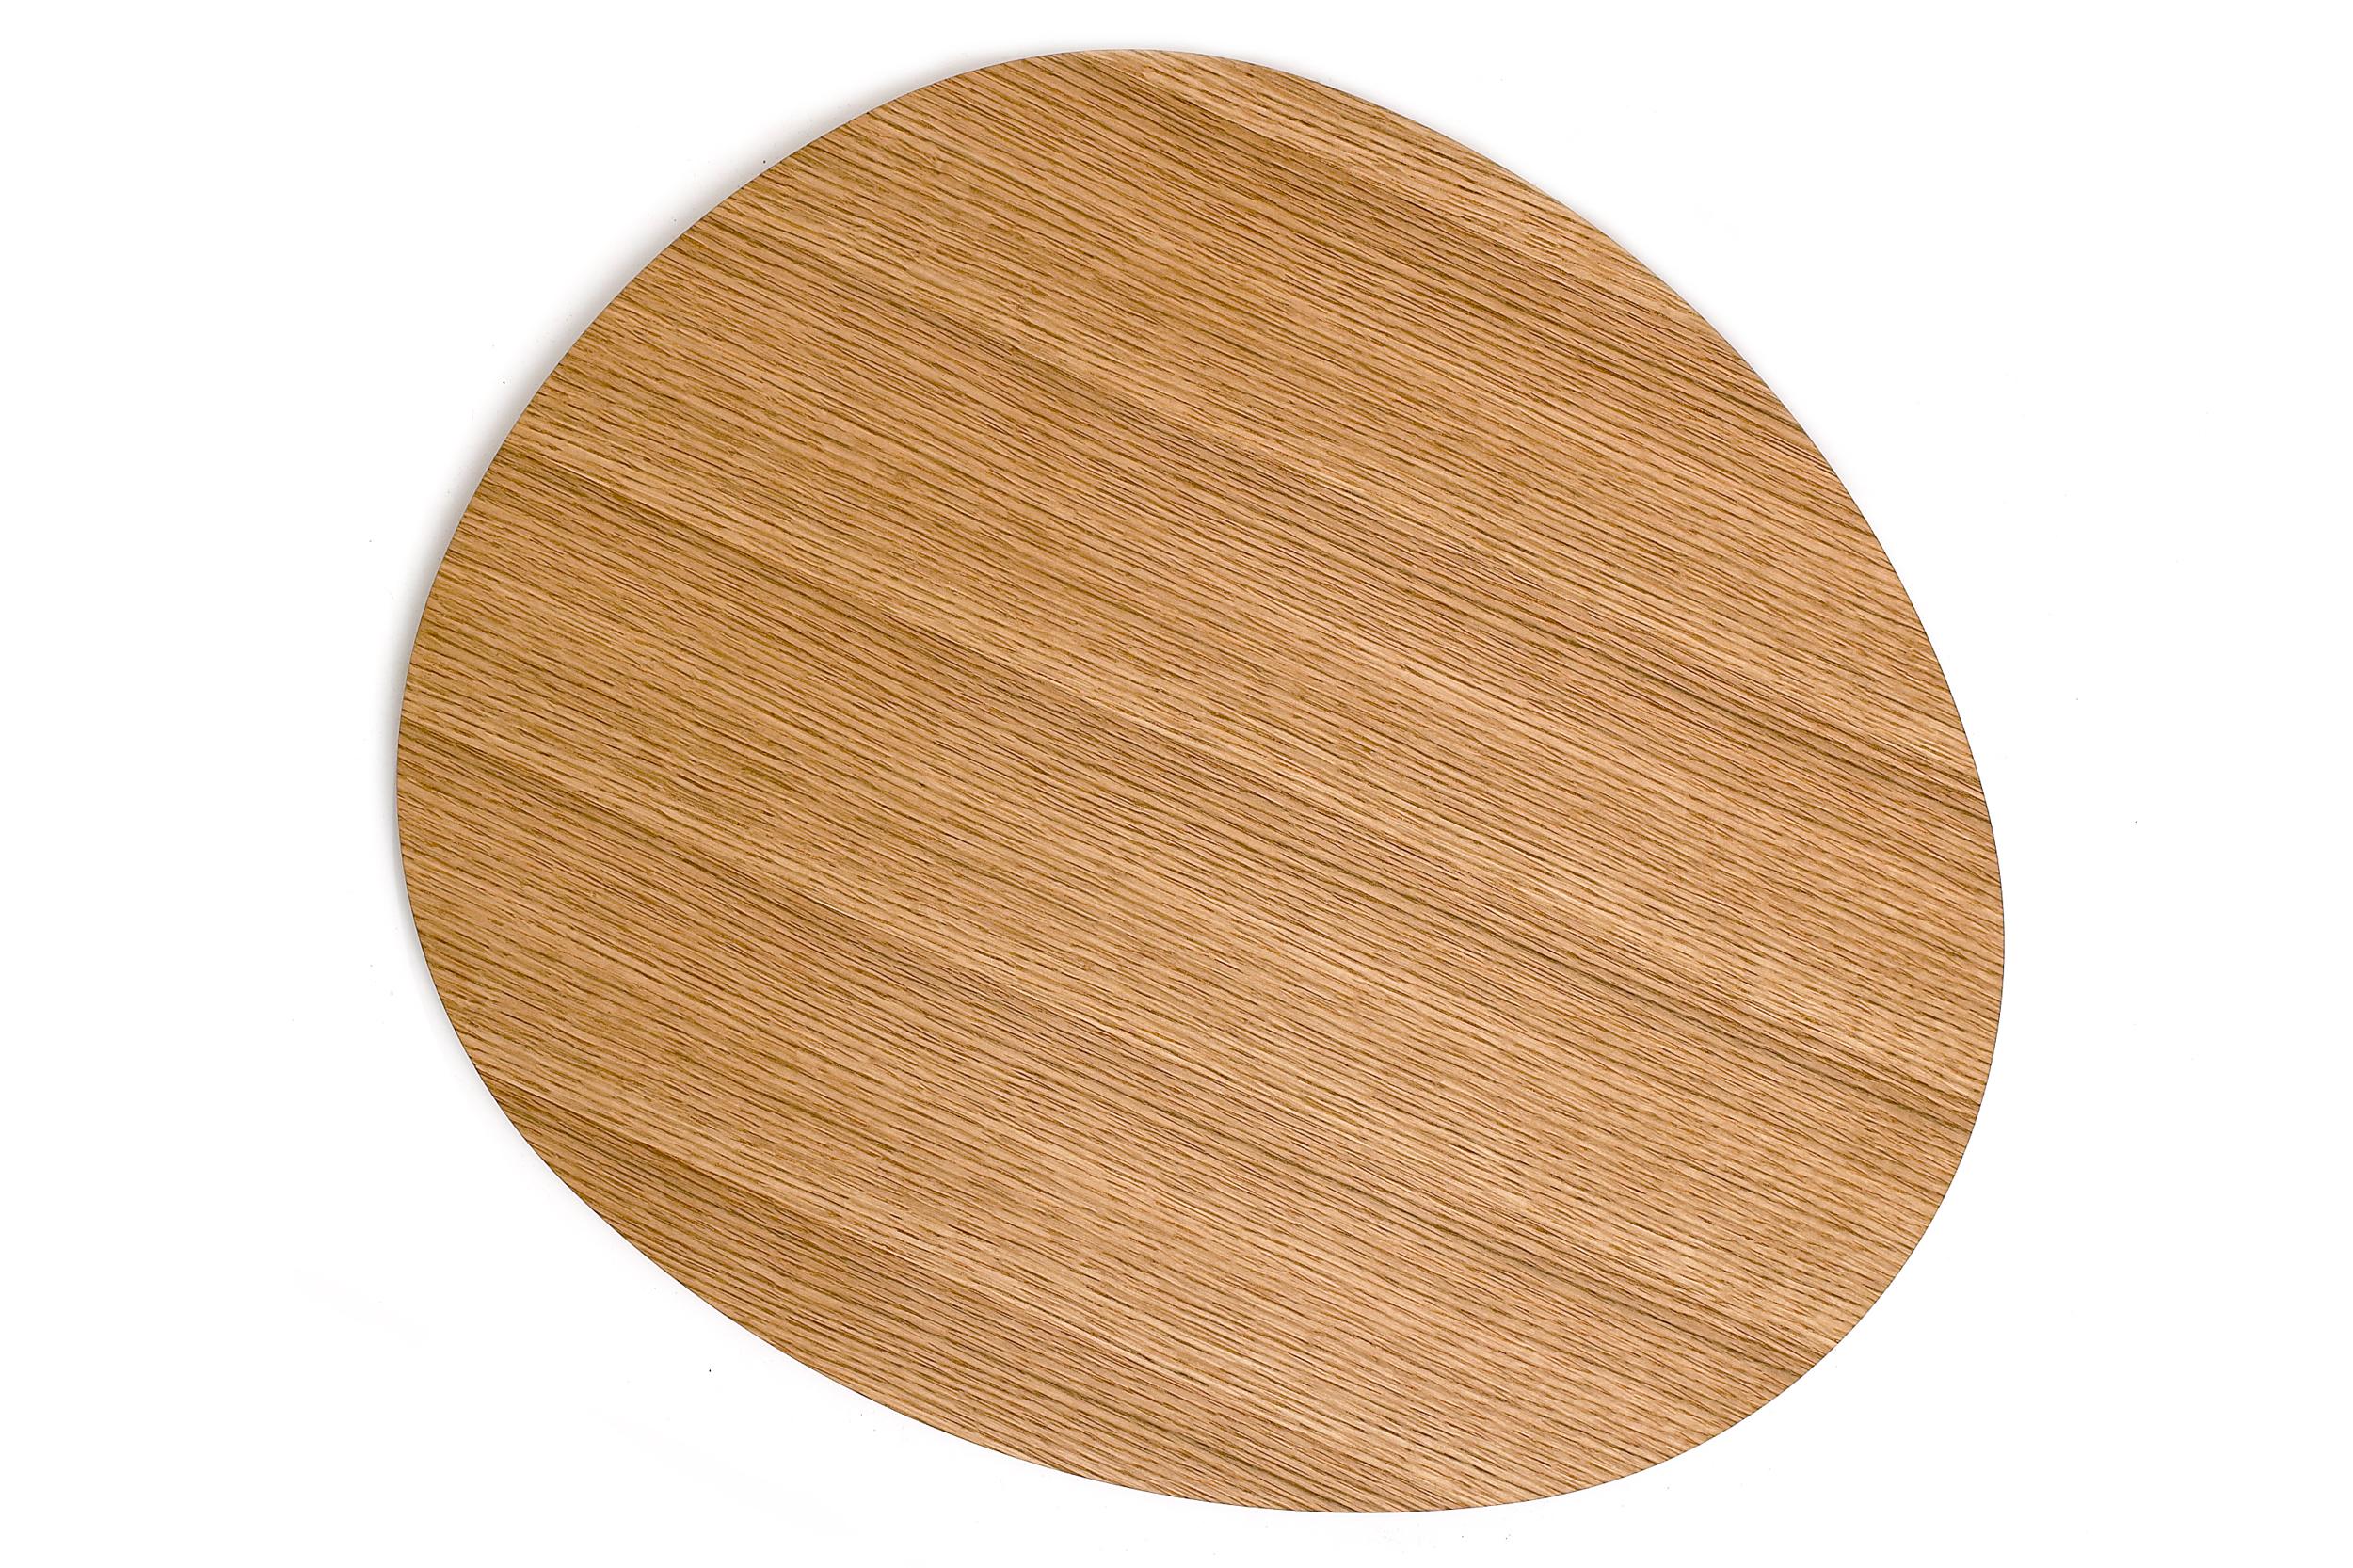 Morris coffee table model 6 in oak